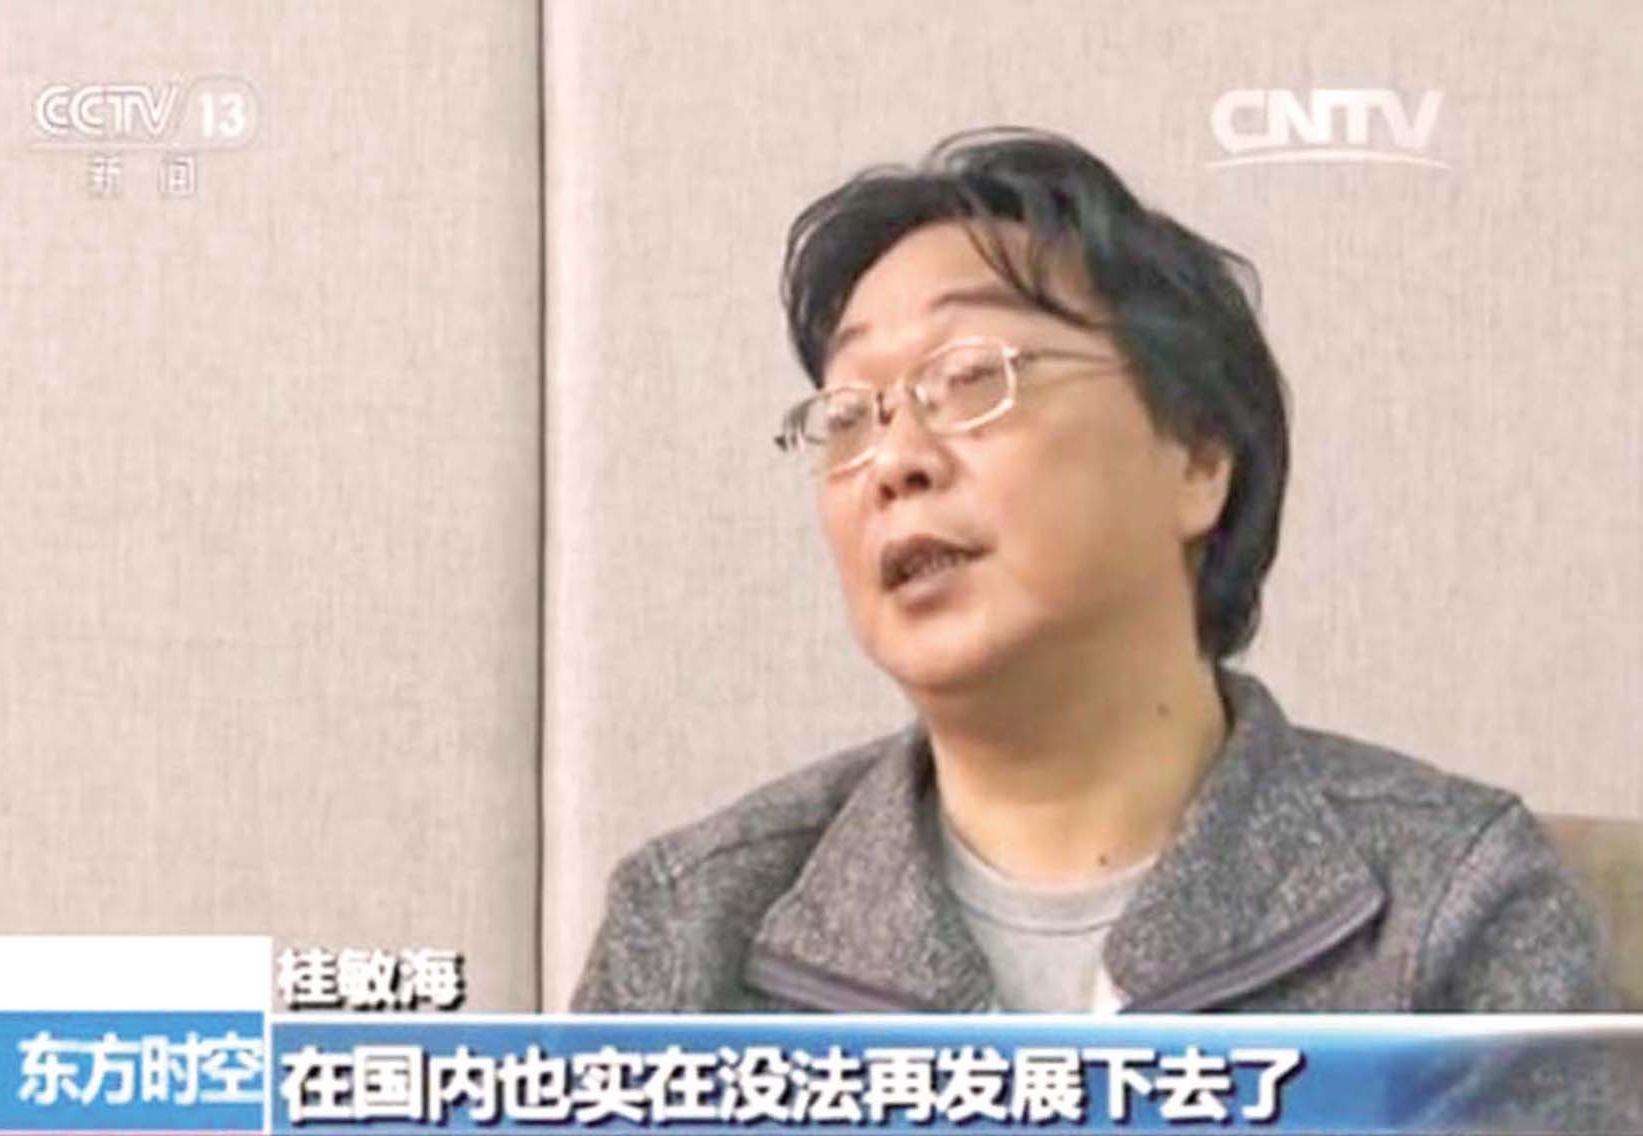 銅鑼灣書店老闆桂民海